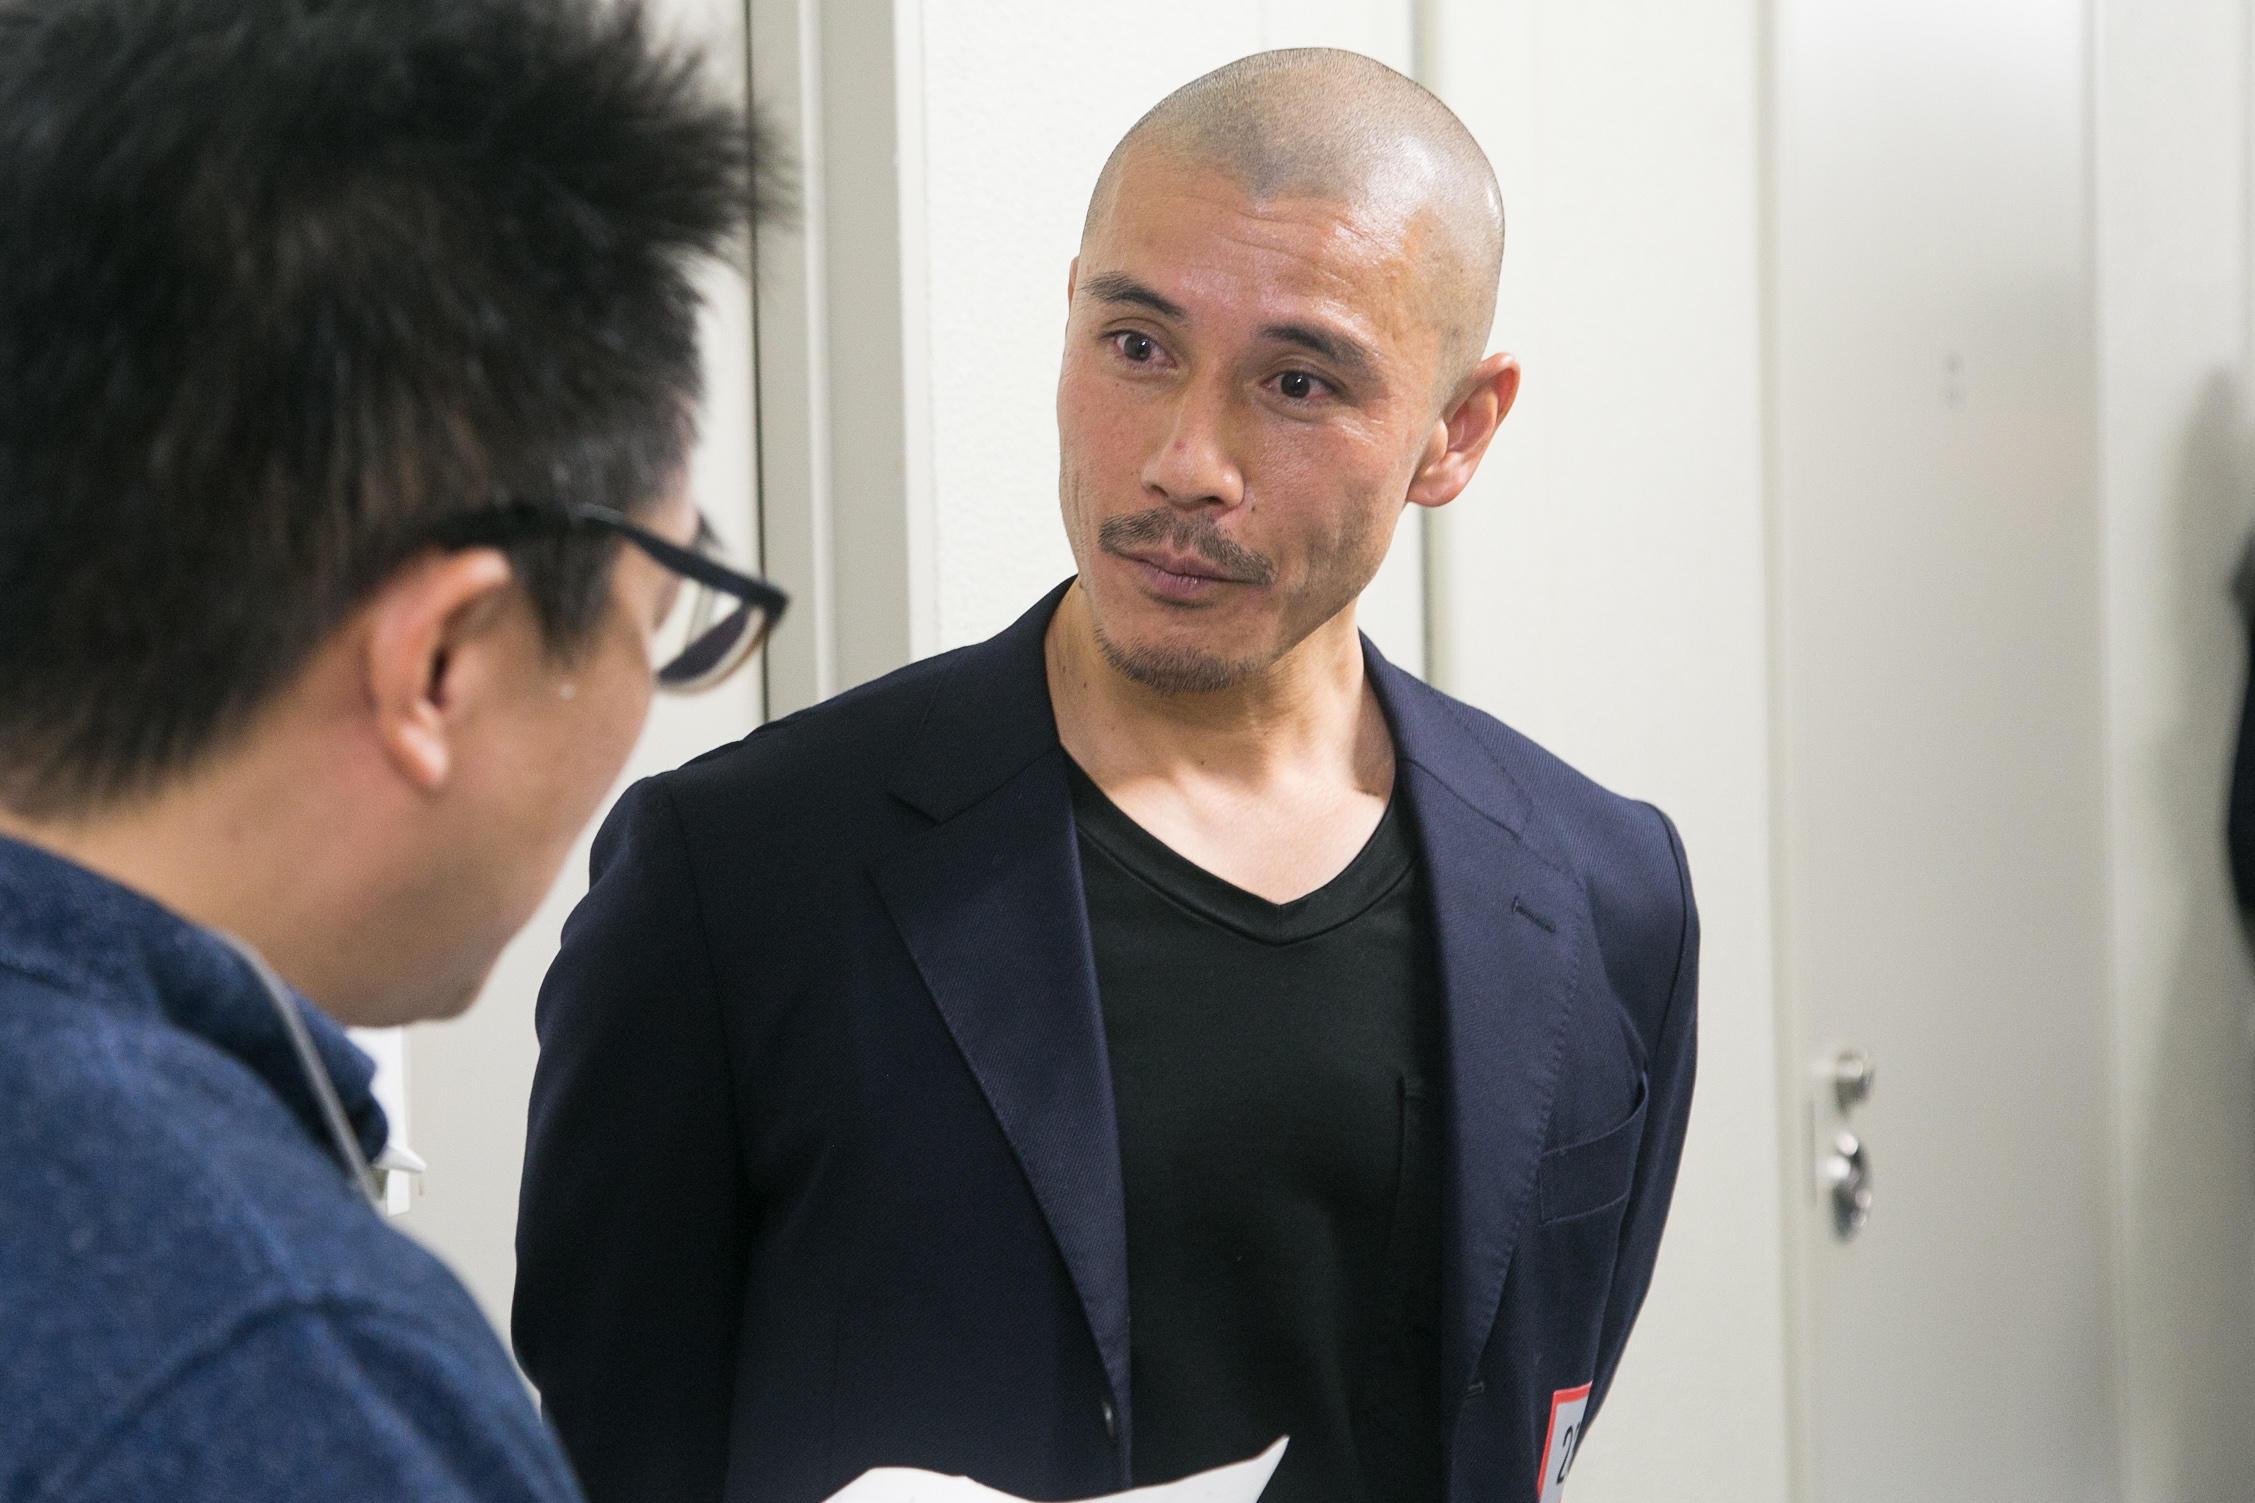 http://news.yoshimoto.co.jp/20190106003512-3c7447456f57f9ee2f017f2316bd4943fe3c40cc.jpg